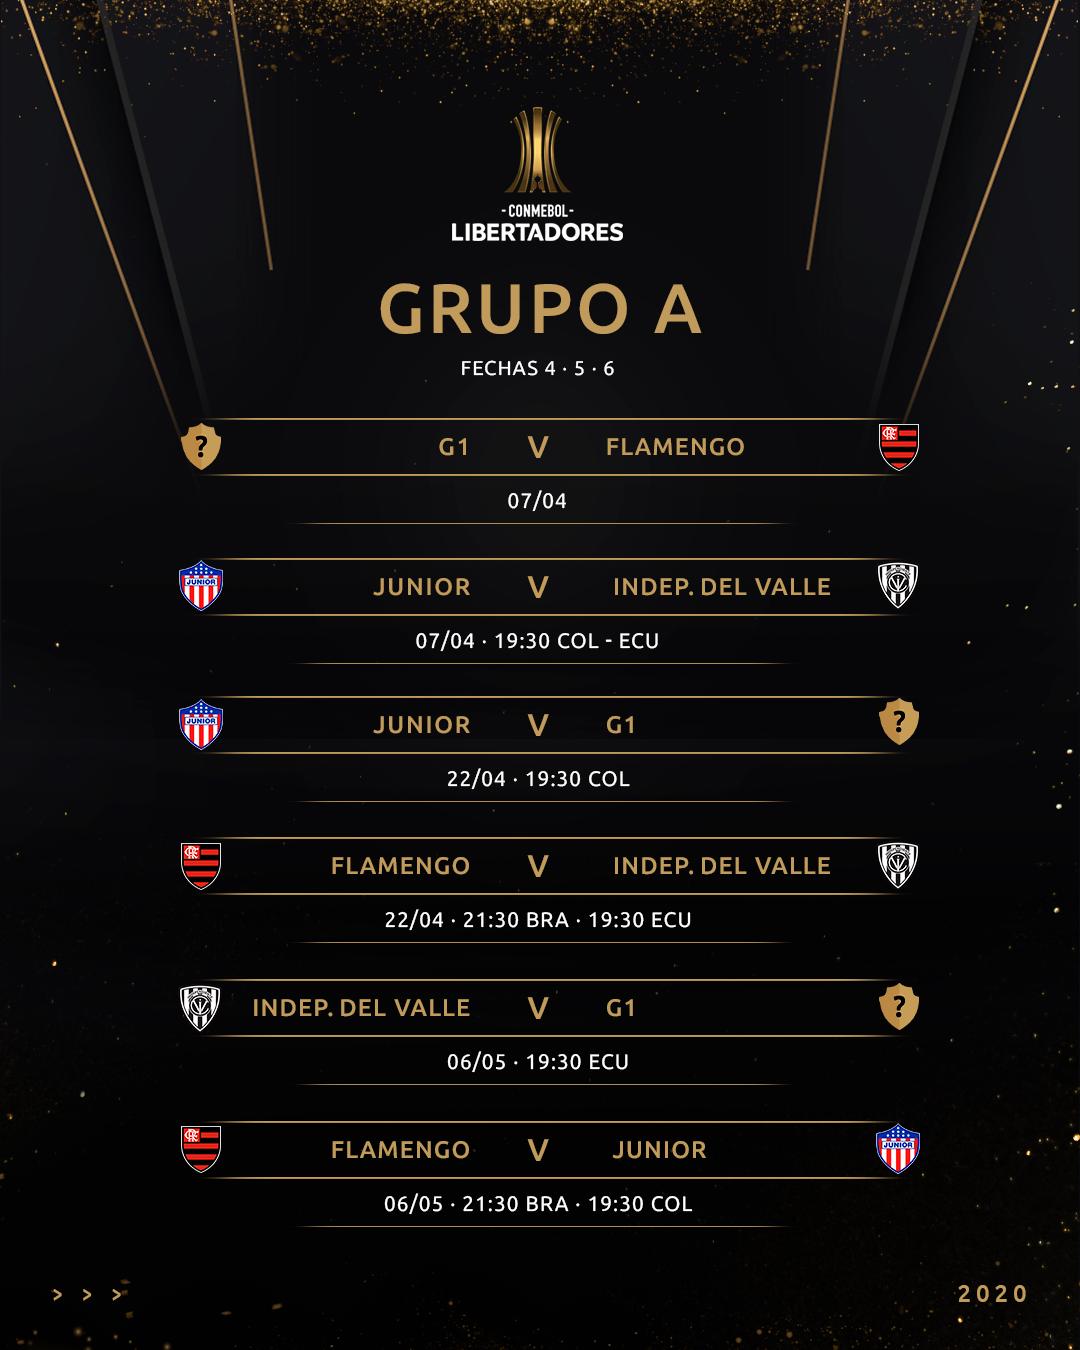 Grupo A conmebol Libertadores